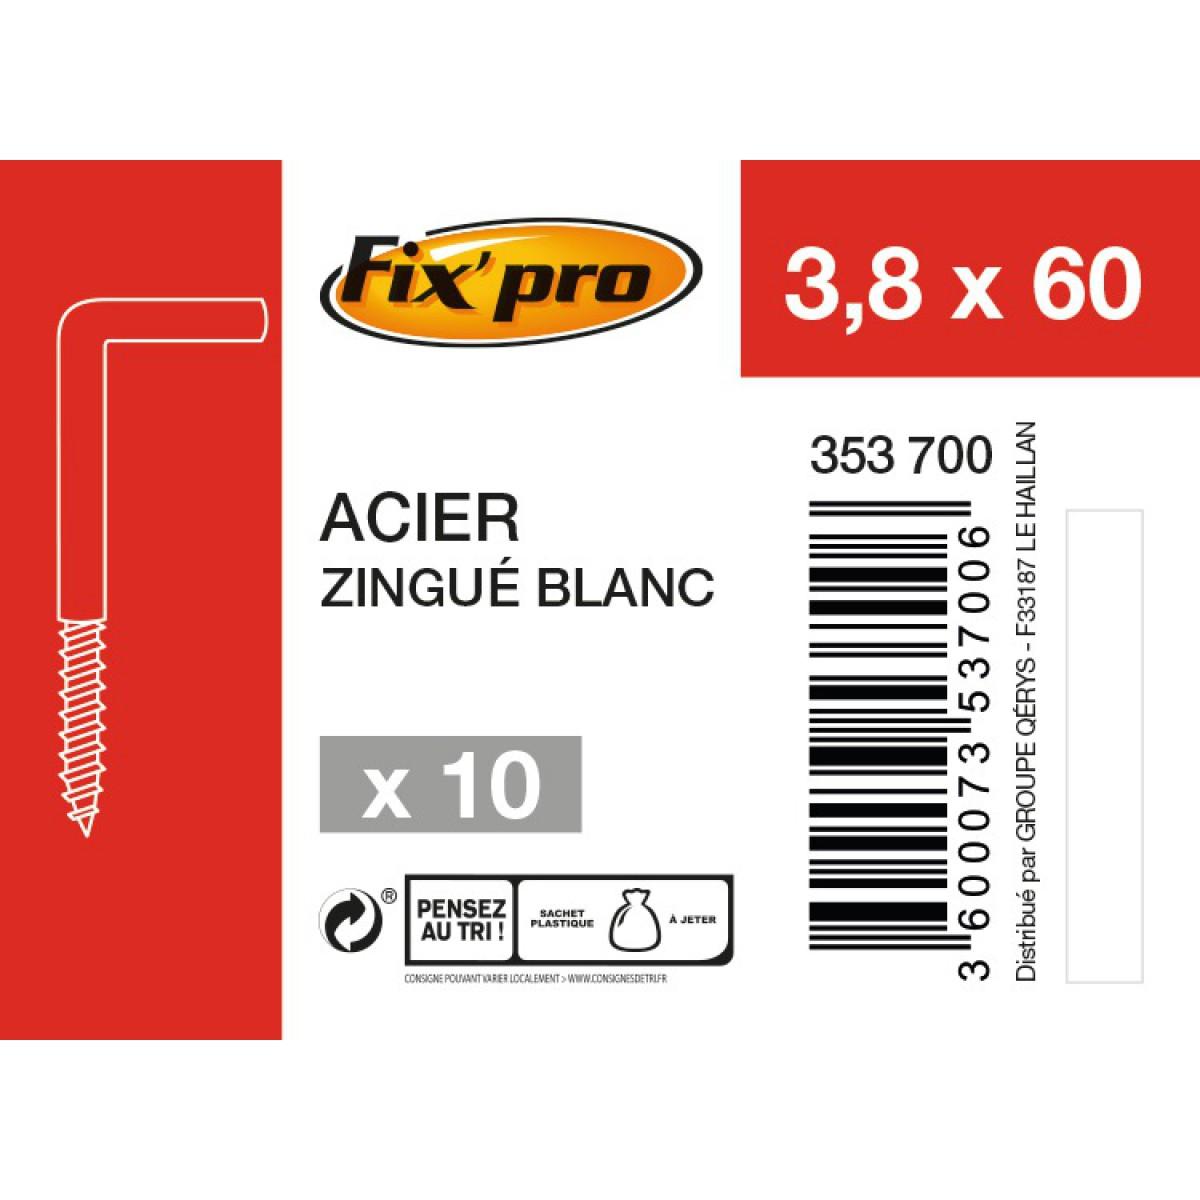 Gond à vis acier zingué - 3,8x60 - 10pces - Fixpro